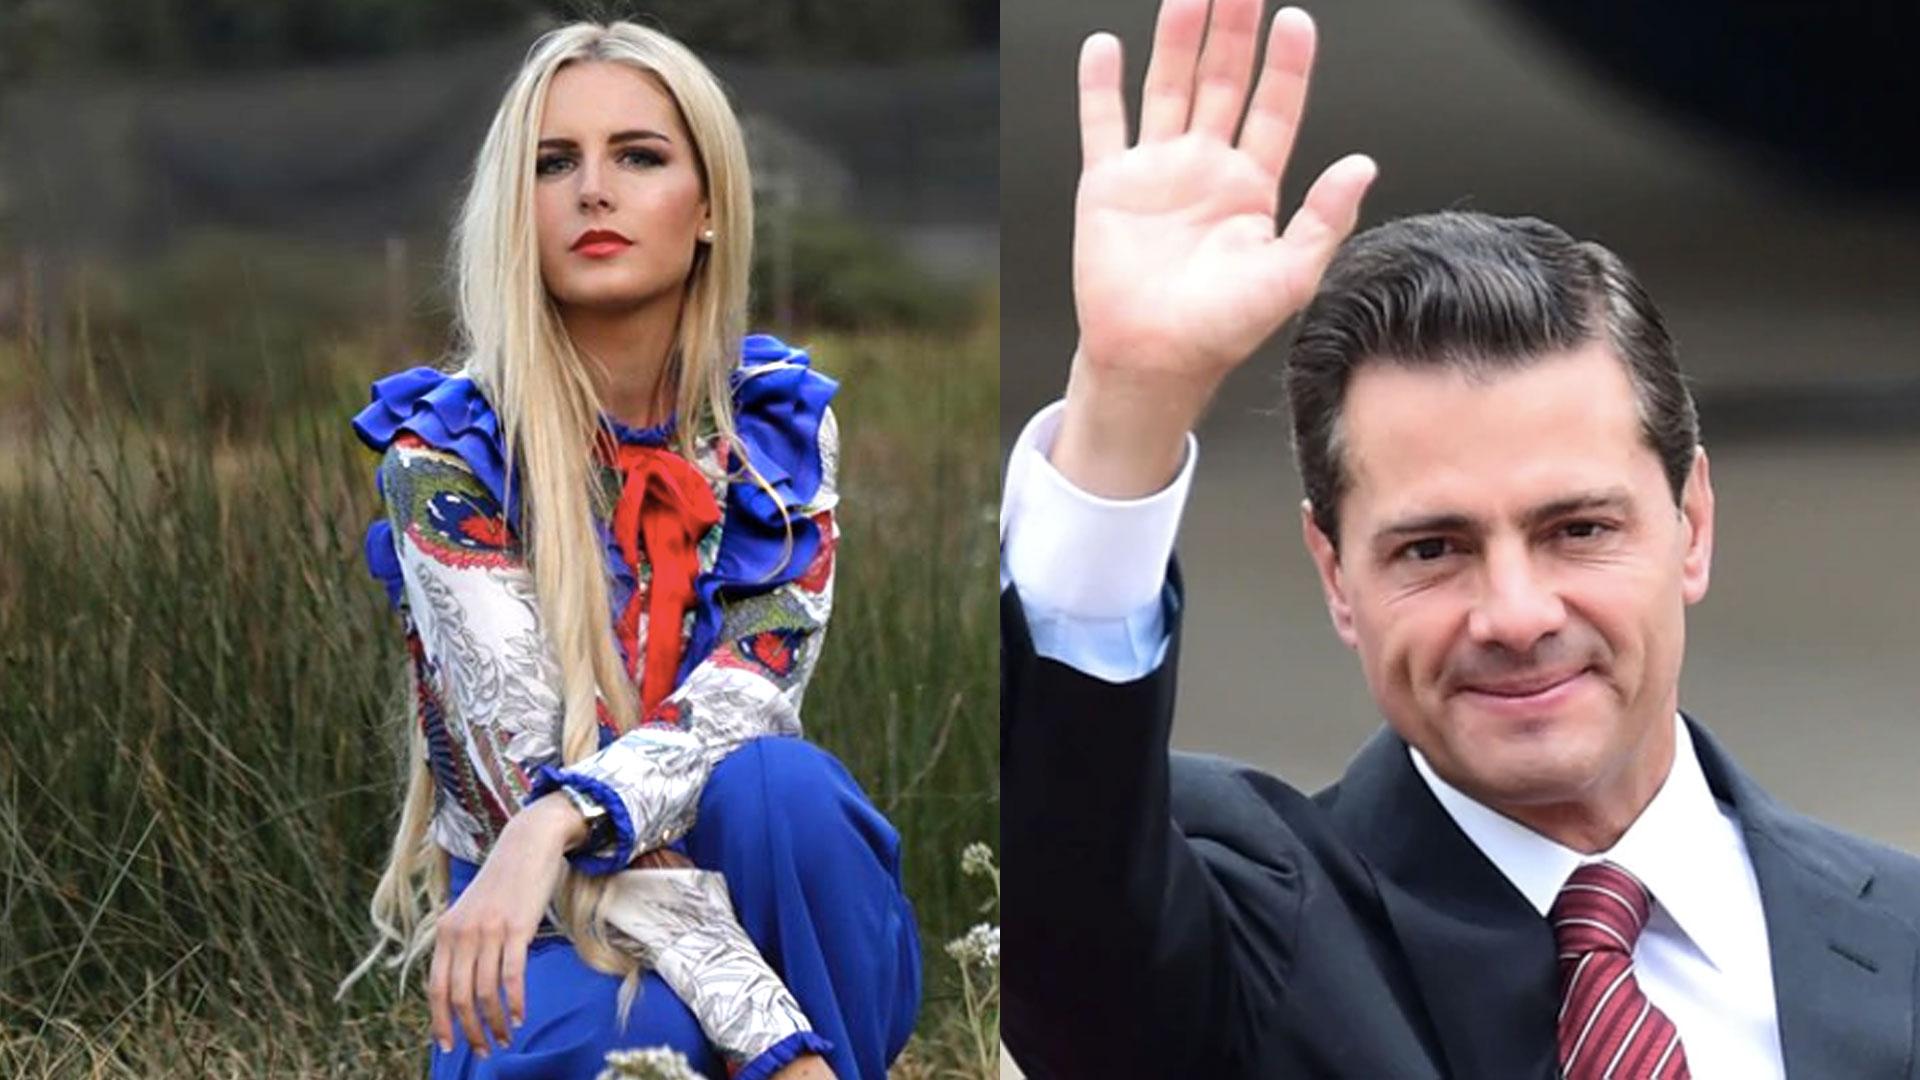 Medios mexicanos aseguran que la modelo es la nueva novia del ex presidente Enrique Peña Nieto (Foto: Instagram taniaruize)